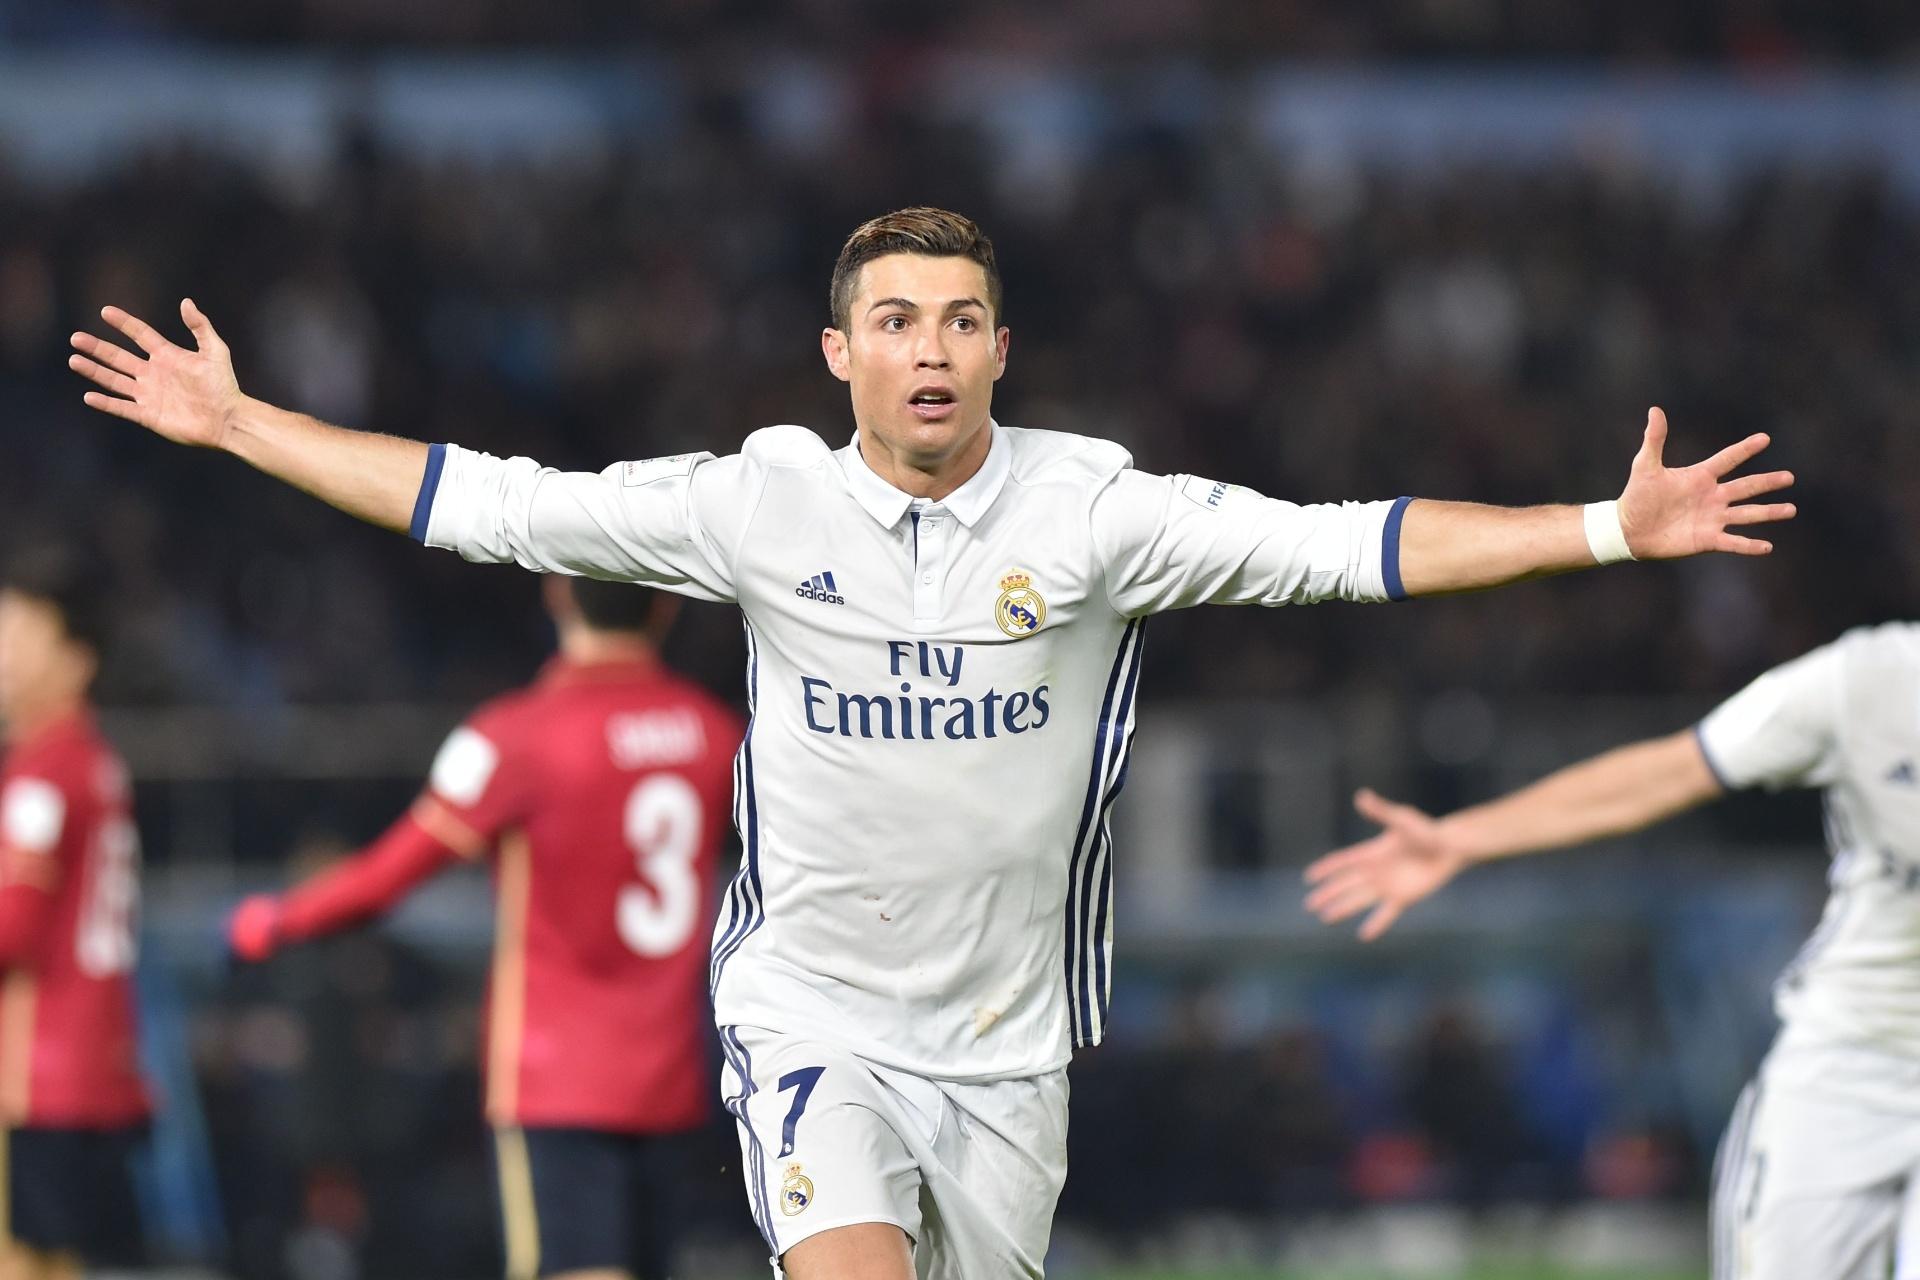 5acb452d81 CR7 é eleito o melhor goleador em competições internacionais  Jesus é 8º -  30 12 2016 - UOL Esporte